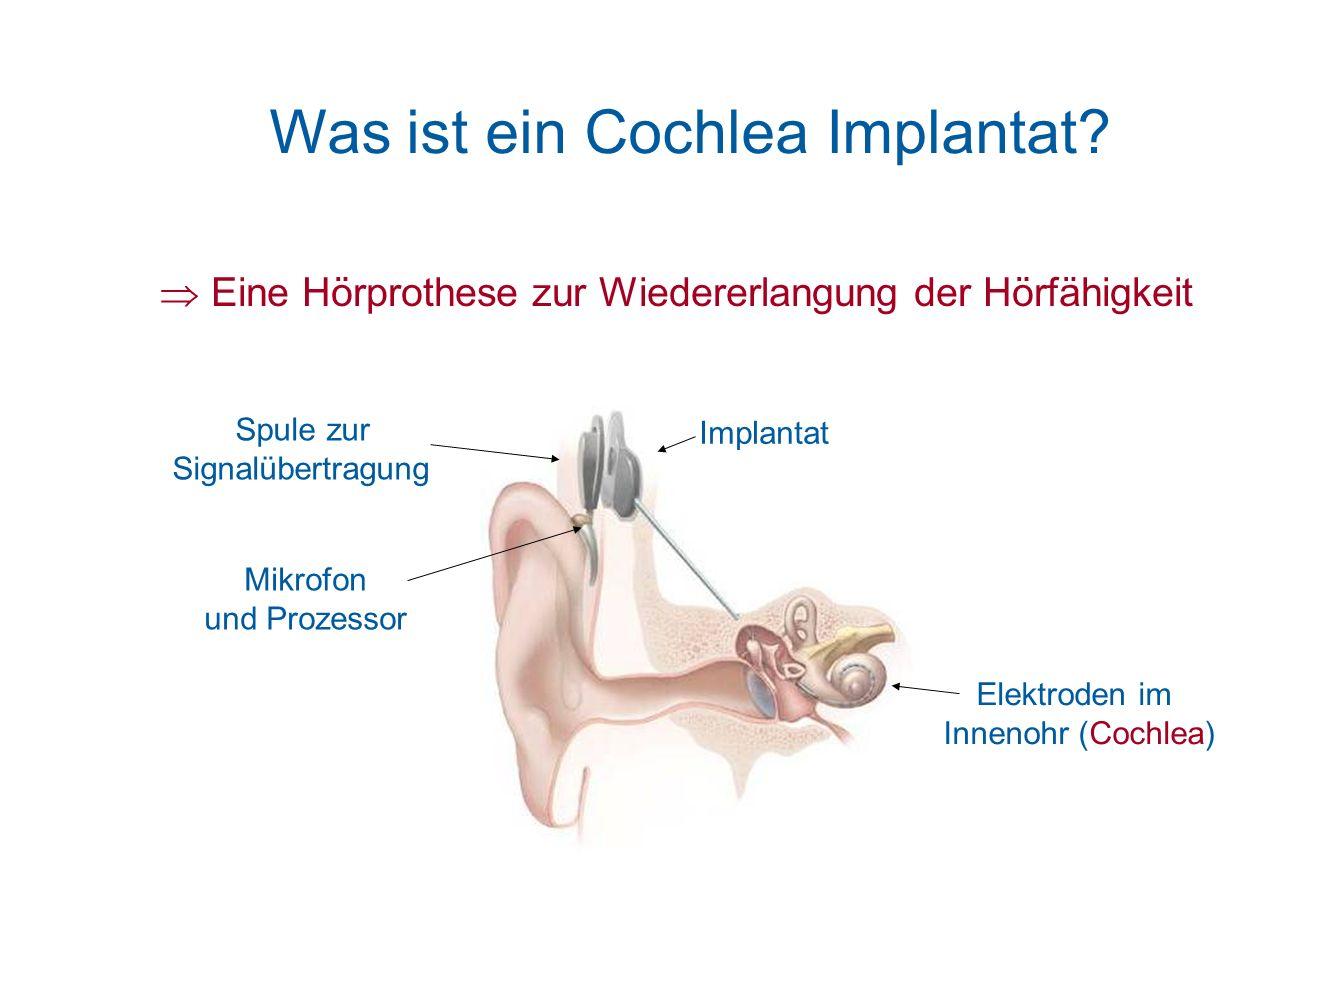 Was ist ein Cochlea Implantat? Eine Hörprothese zur Wiedererlangung der Hörfähigkeit Elektroden im Innenohr (Cochlea) Mikrofon und Prozessor Spule zur